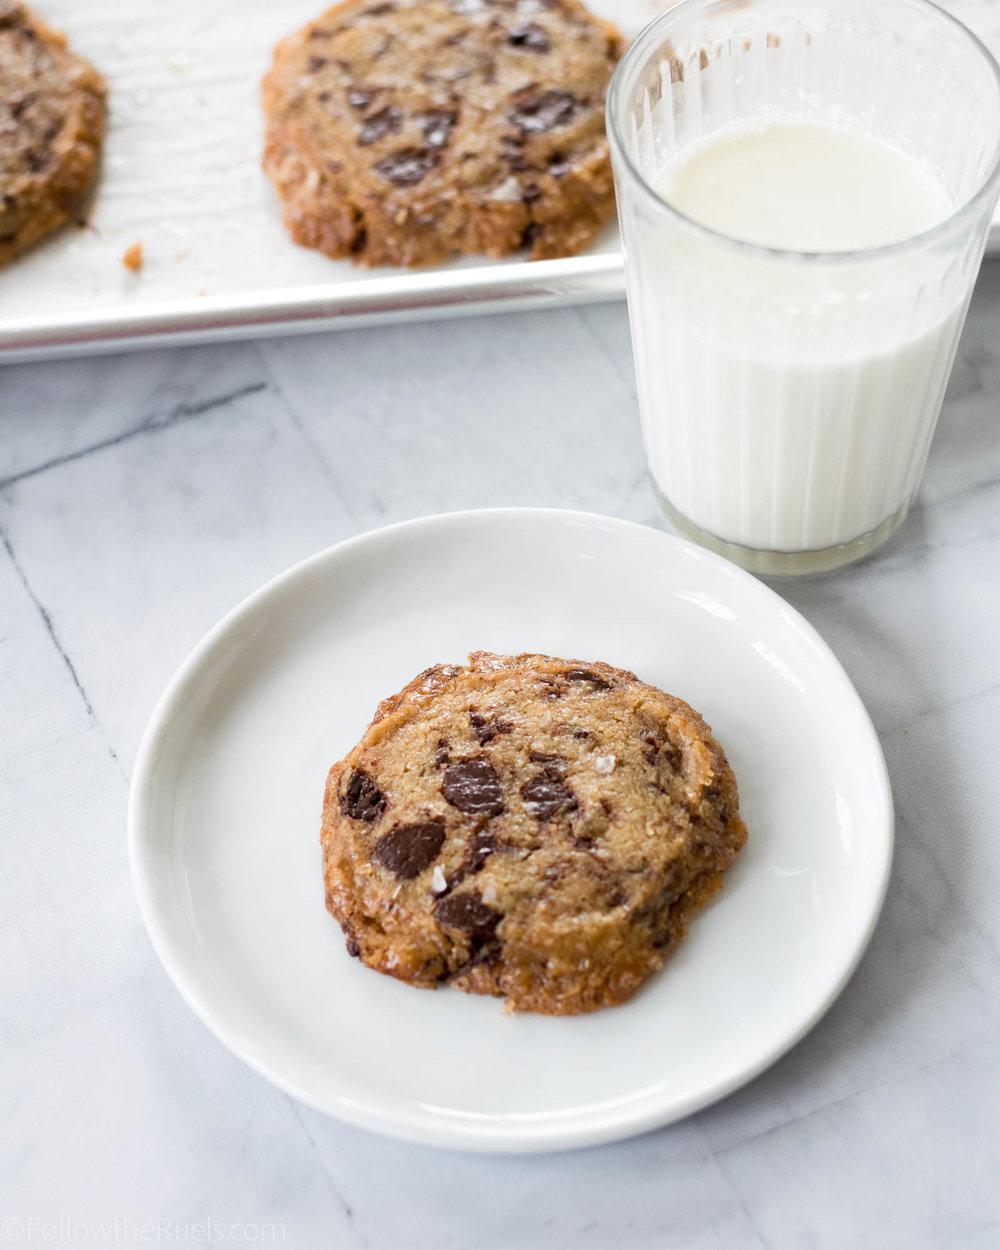 Chocolate-Chip-Shortbread-Cookies-11.jpg